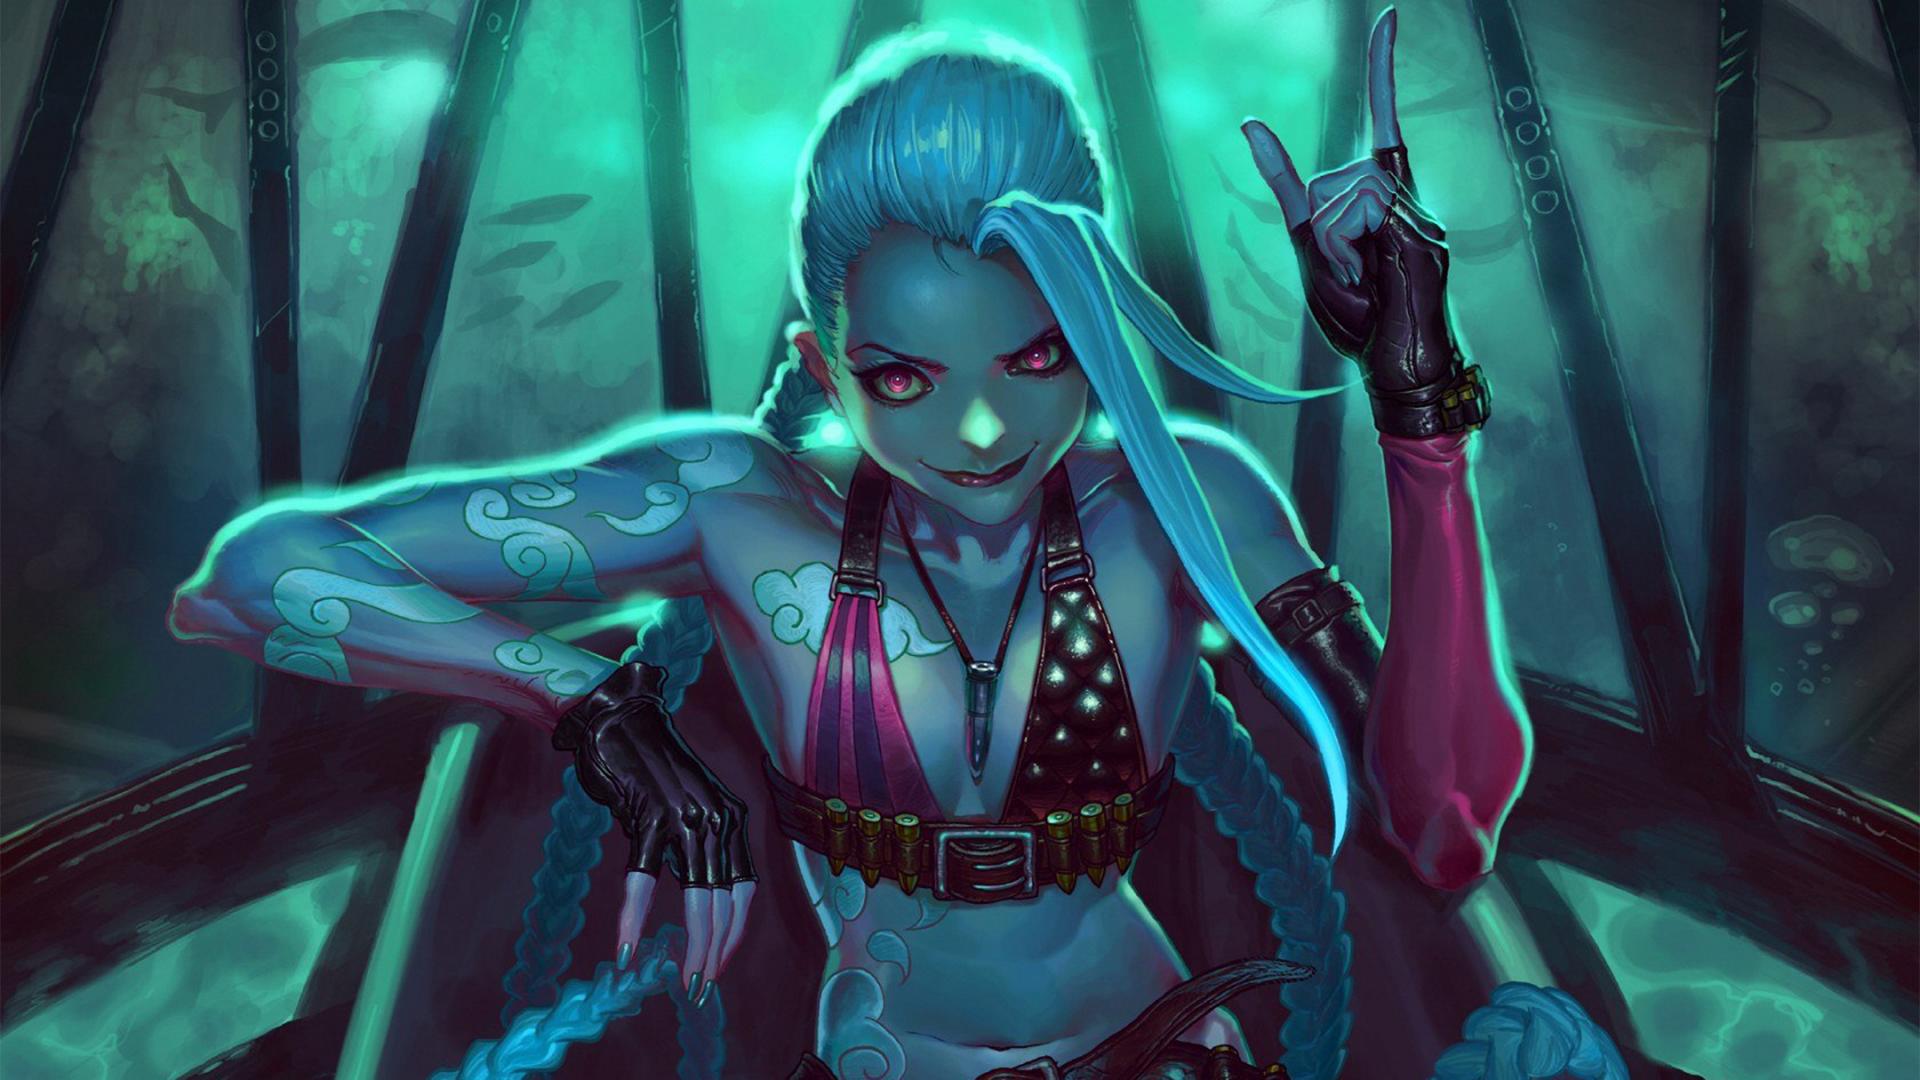 League of Legends Jinx fantasy f wallpaper 1920x1080 218942 1920x1080